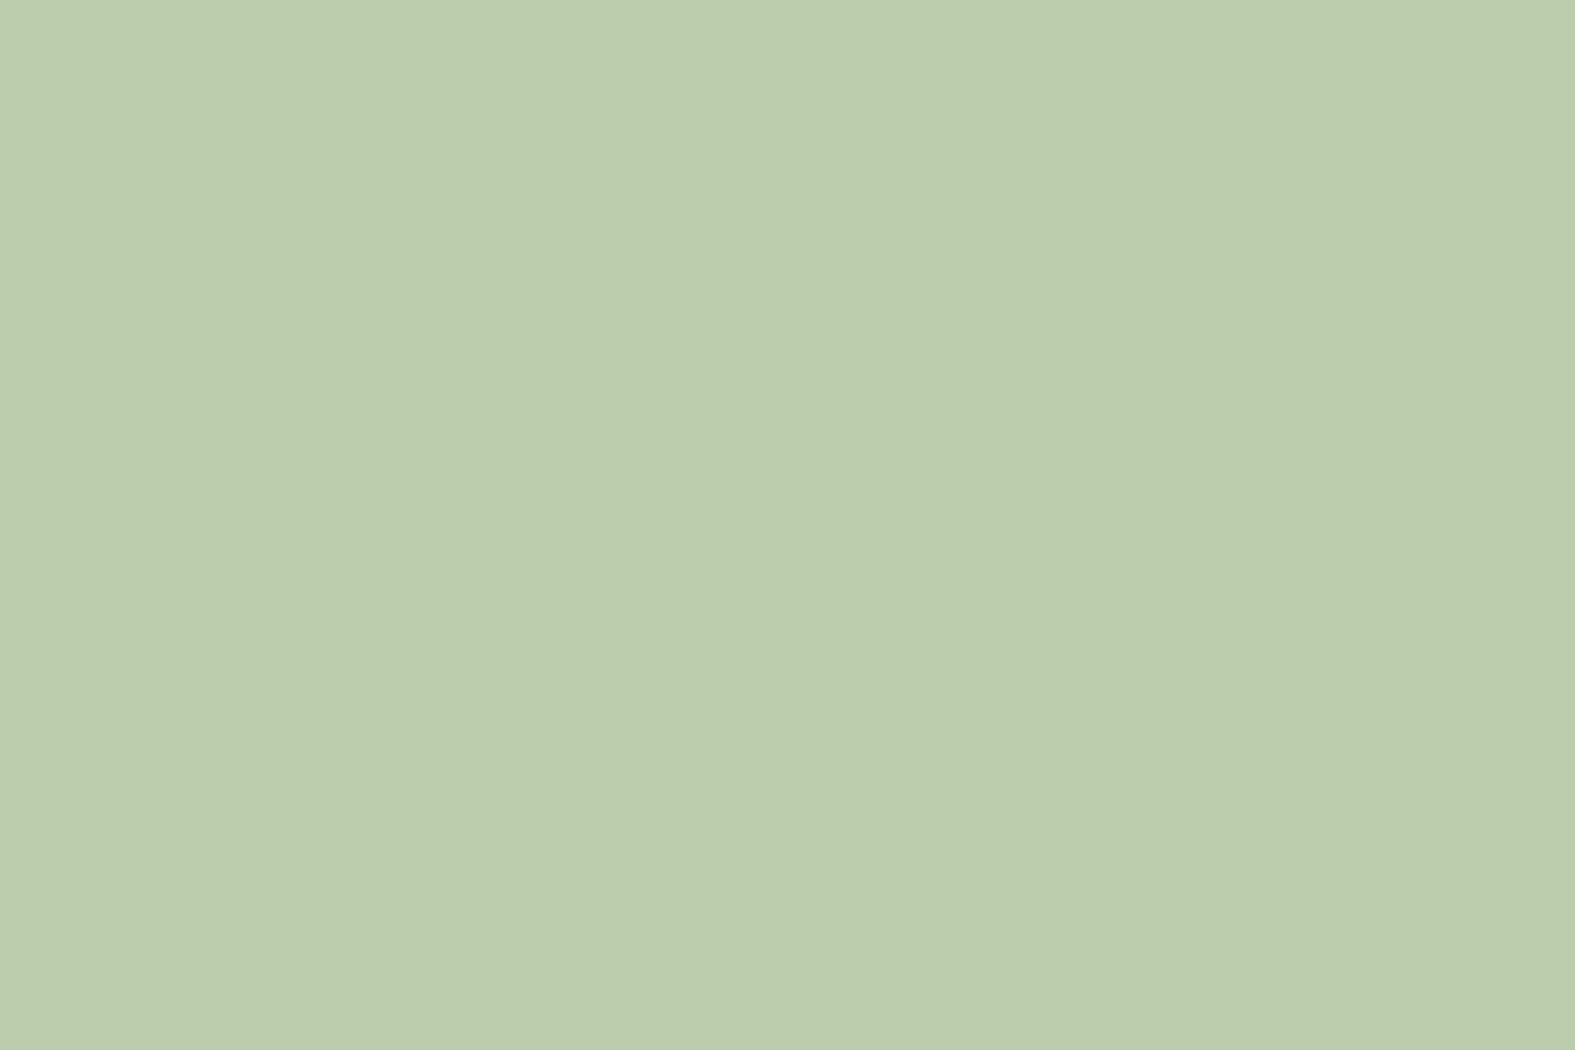 Эмаль RAL 6019 Пастельно-зеленая